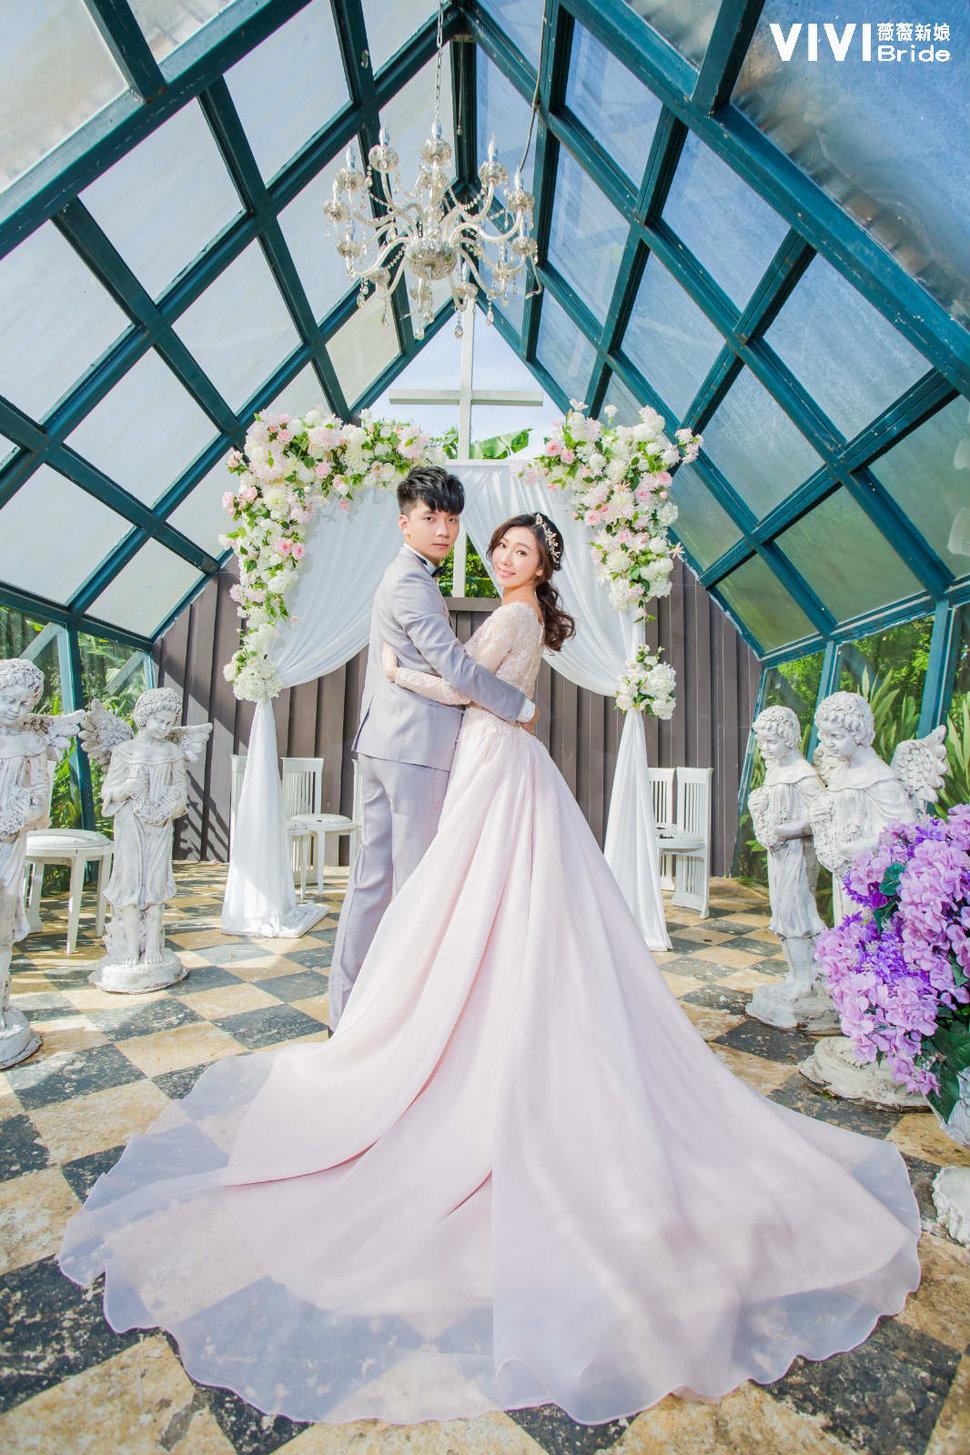 IMG_5451 - VIVI Bride 薇薇新娘 婚紗攝影《結婚吧》